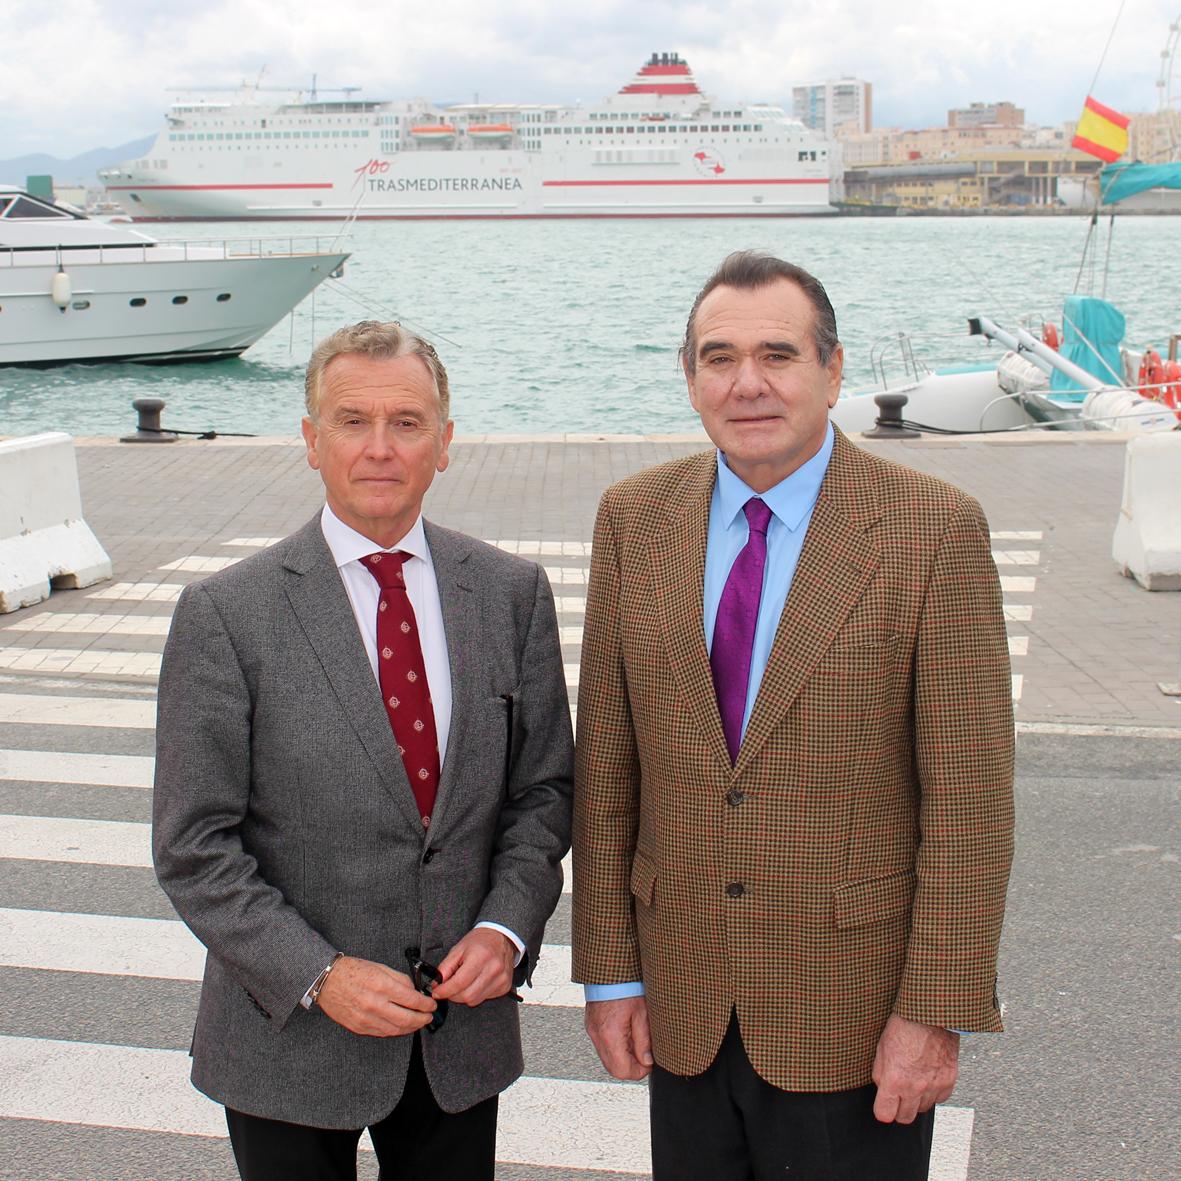 El Director General de la Marina Mercante, Rafael Rodríguez, visita el Puerto de Málaga